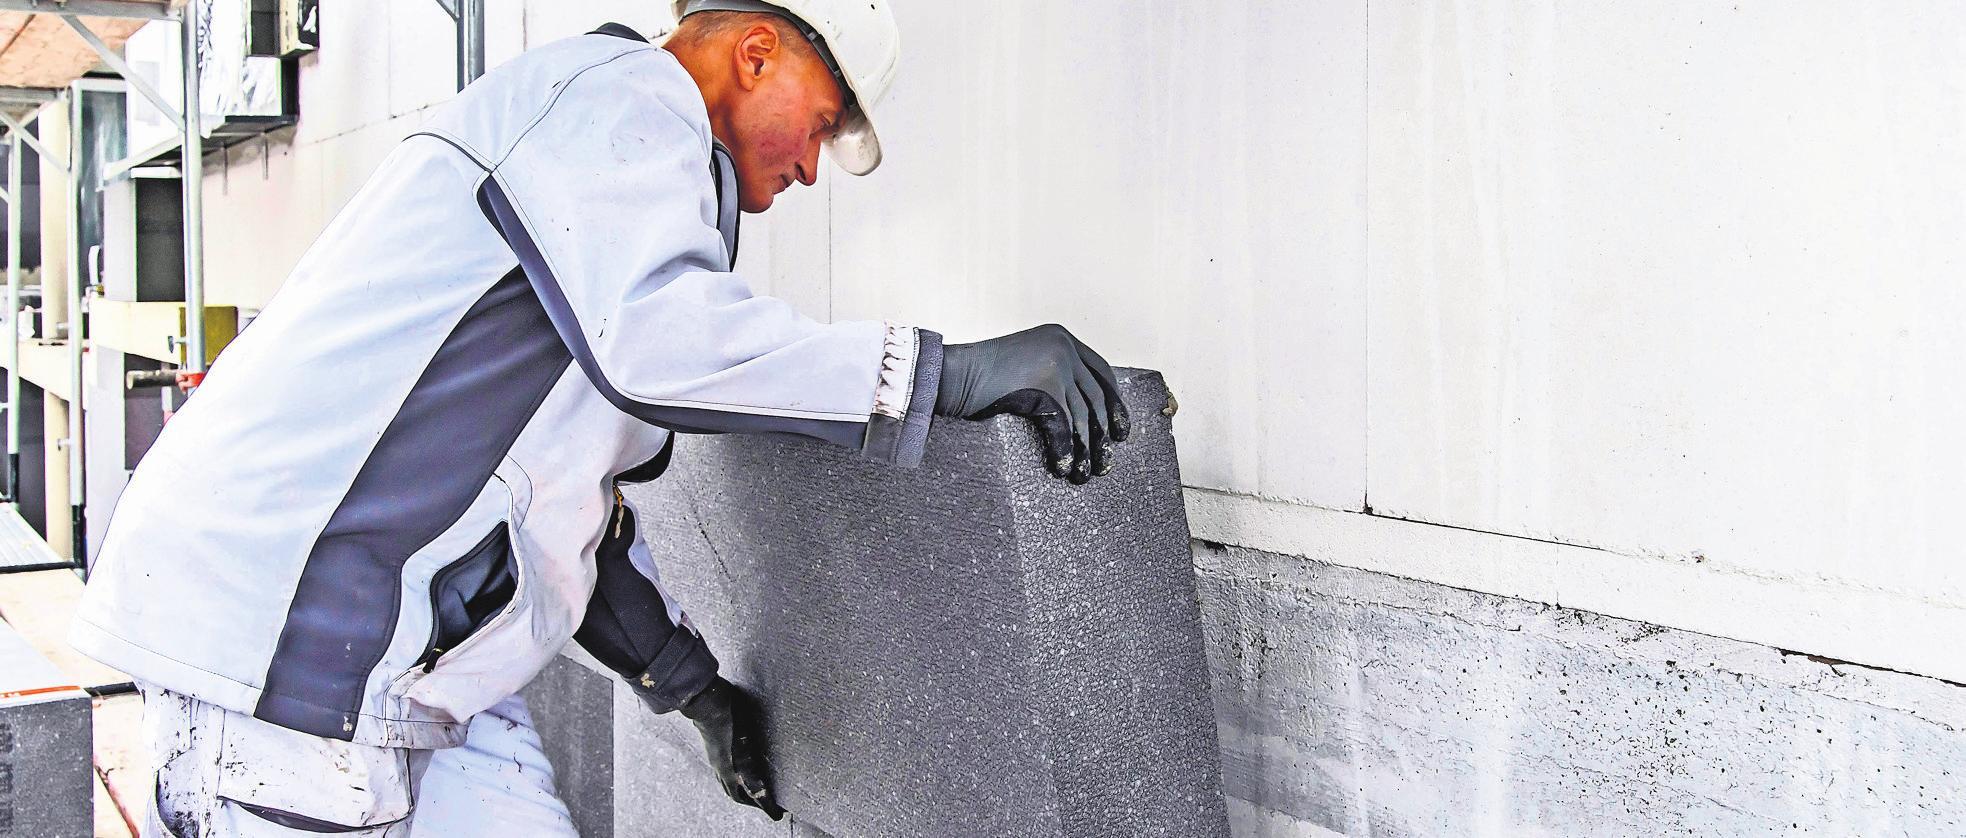 Beim Thema Klimaschutz sind alle Hauseigentümer gefragt: Das Dämmen der Fassade kann einen wesentlichen Beitrag zur Emissionsreduzierung leisten.Foto: djd/FSDE/BASF